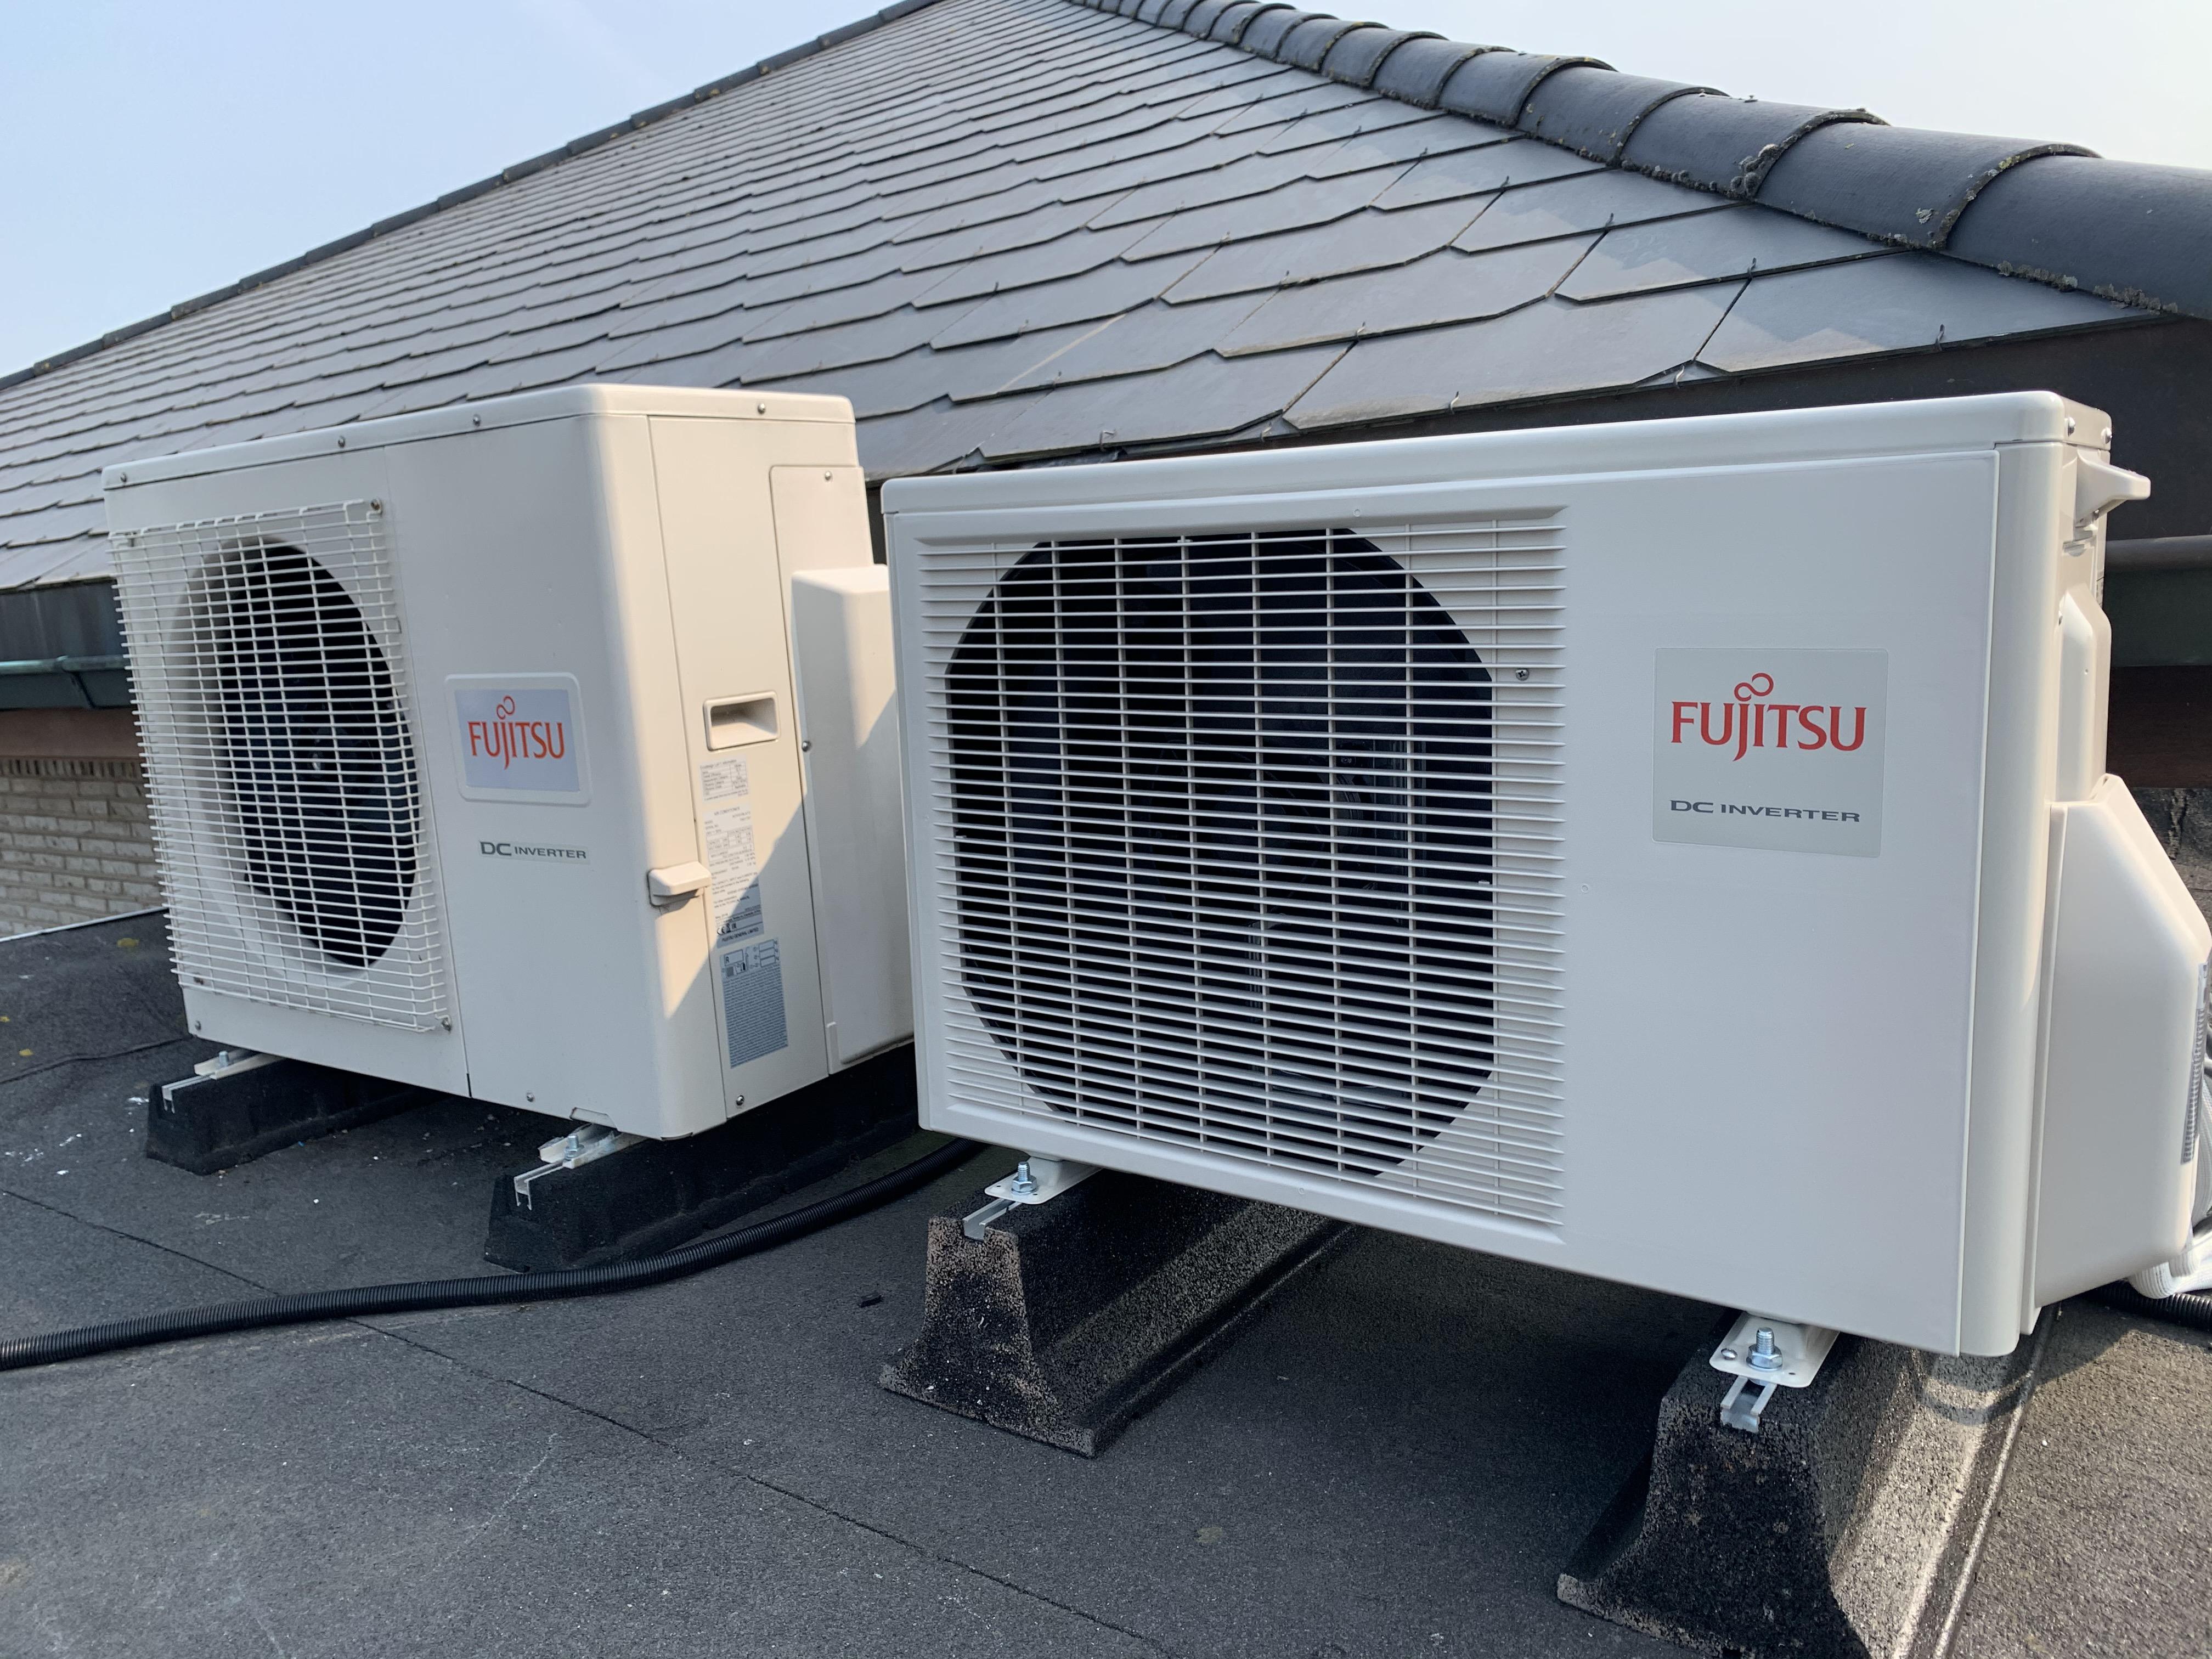 buitenunits warmtepomp rubber blokken Fujitsu